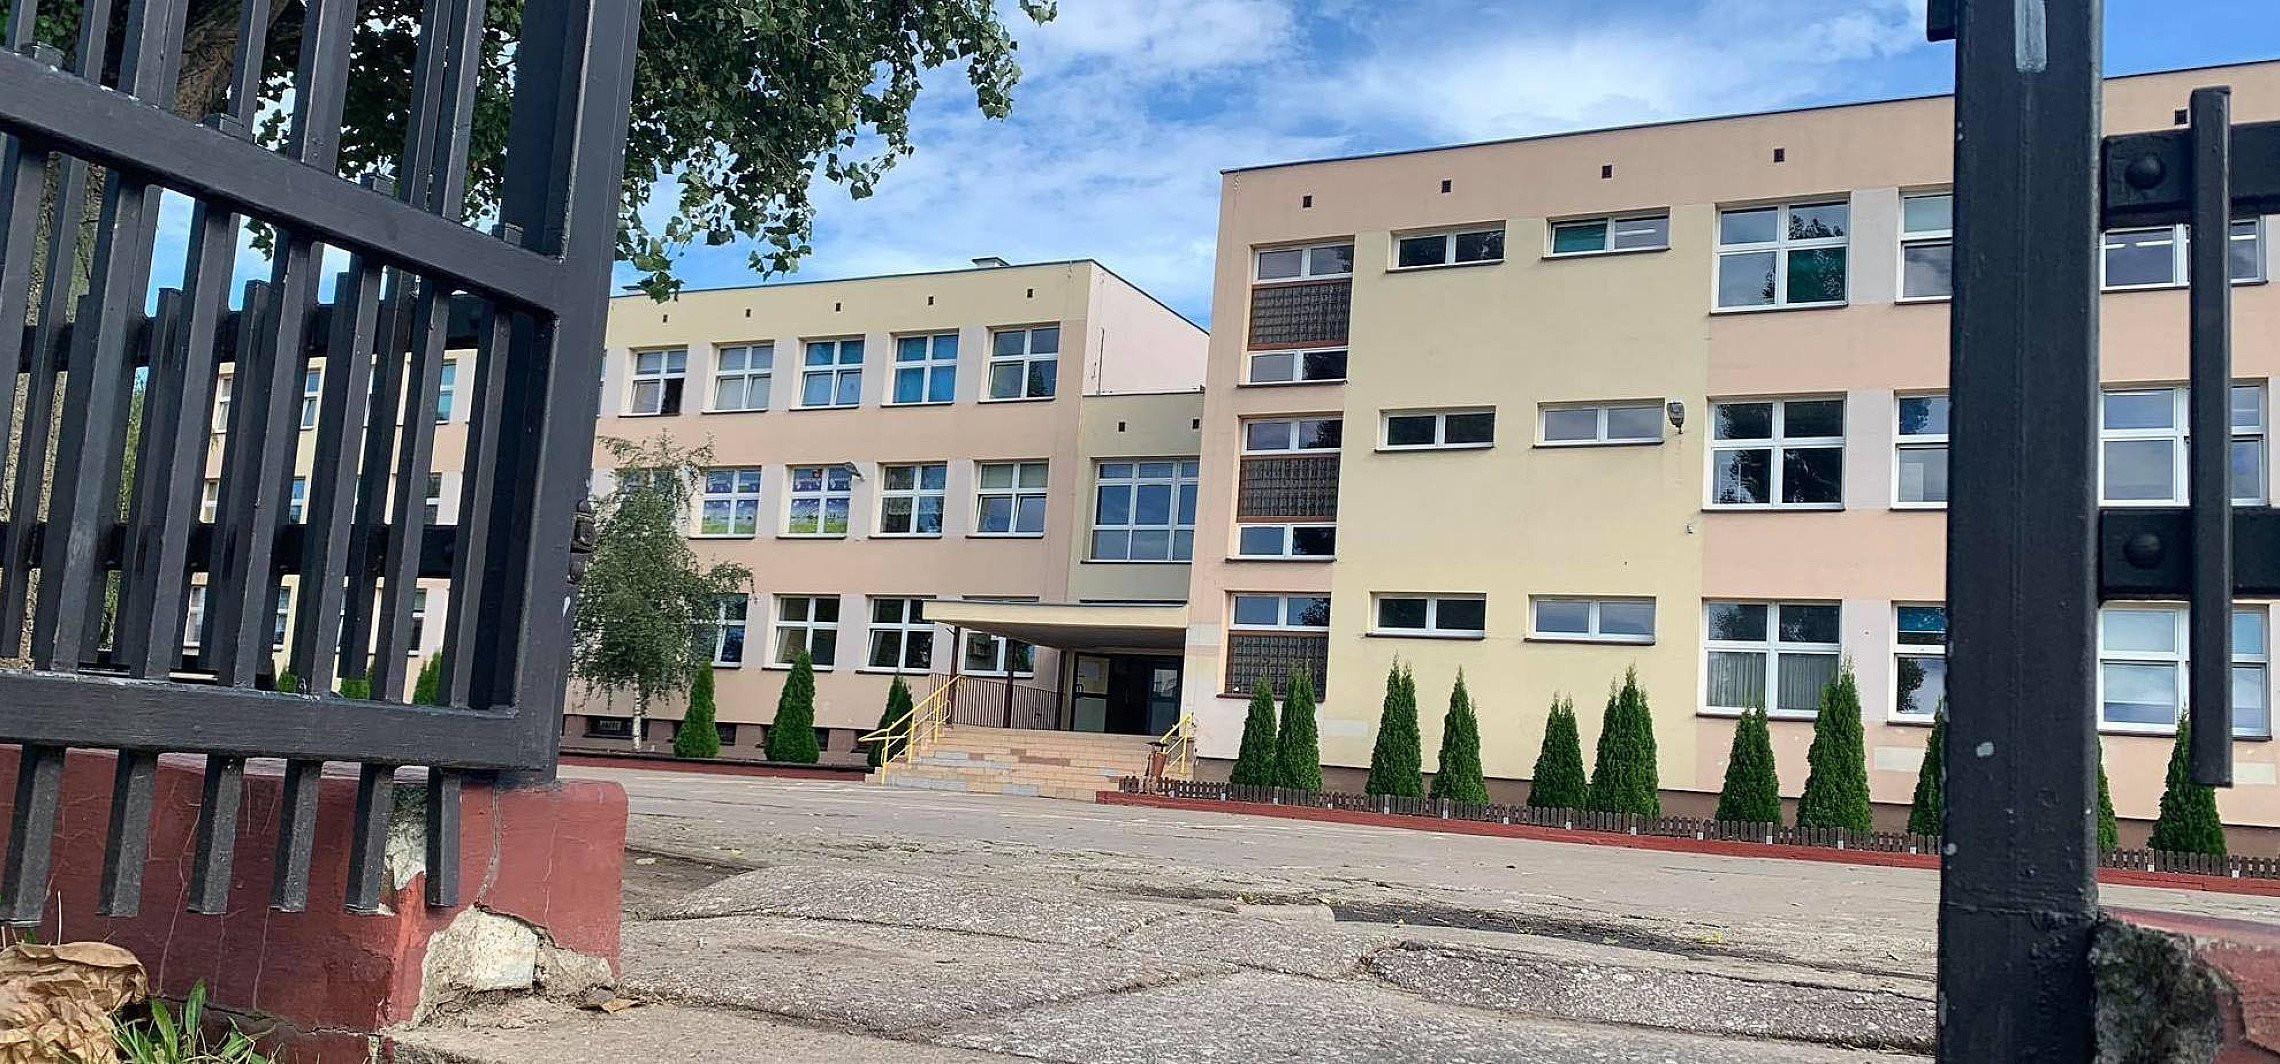 Inowrocław - Kwarantanna w kolejnej inowrocławskiej szkole